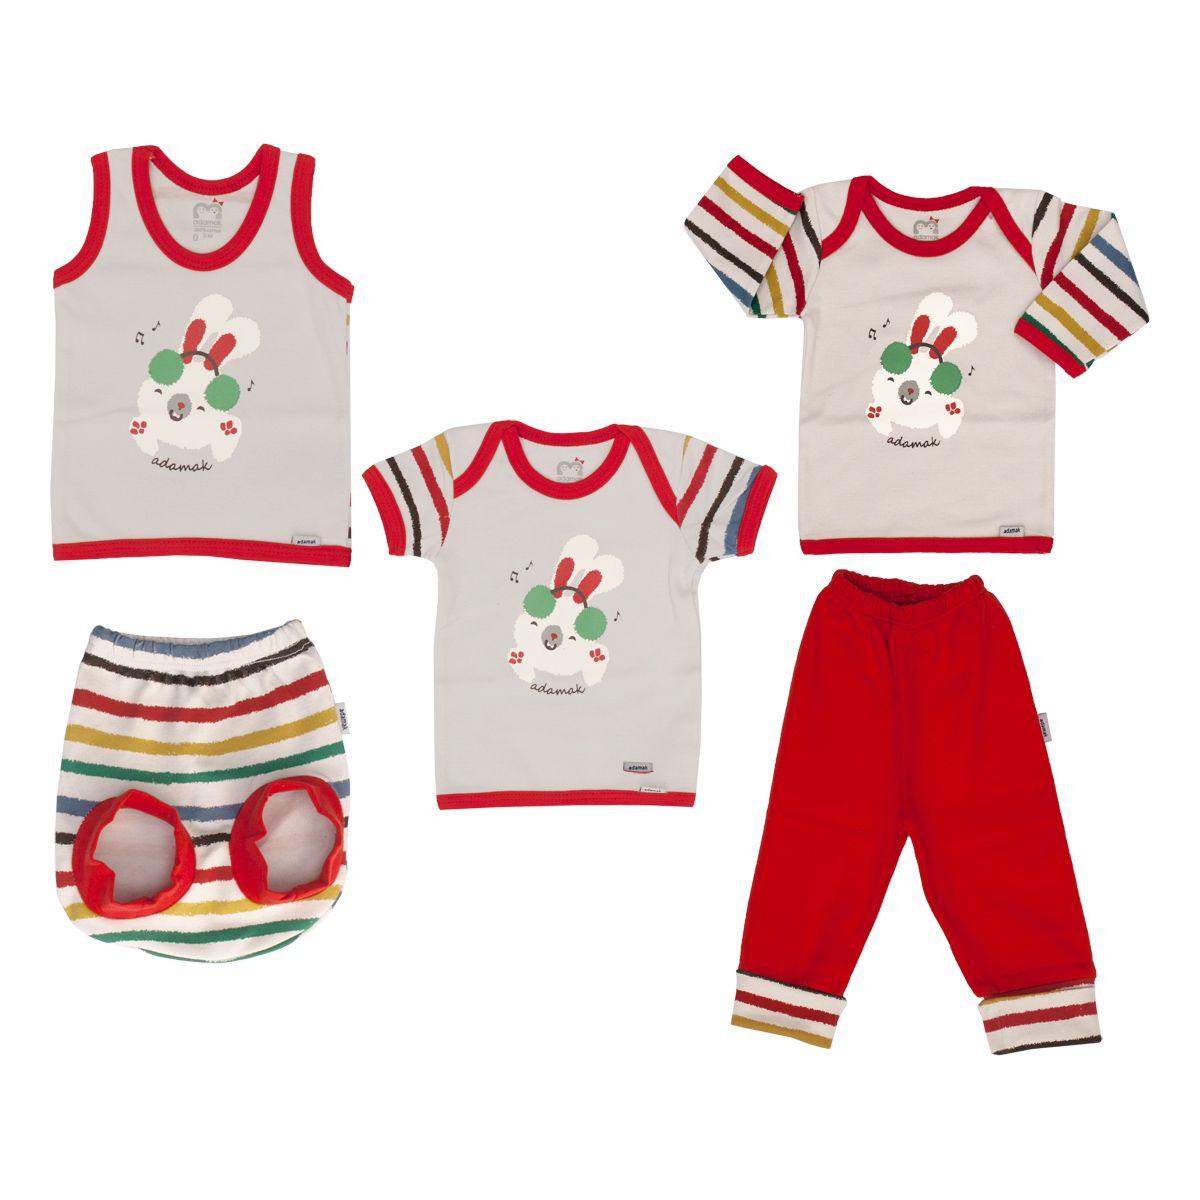 ست 5 تکه لباس نوزادی آدمک مدل Dj -  - 2